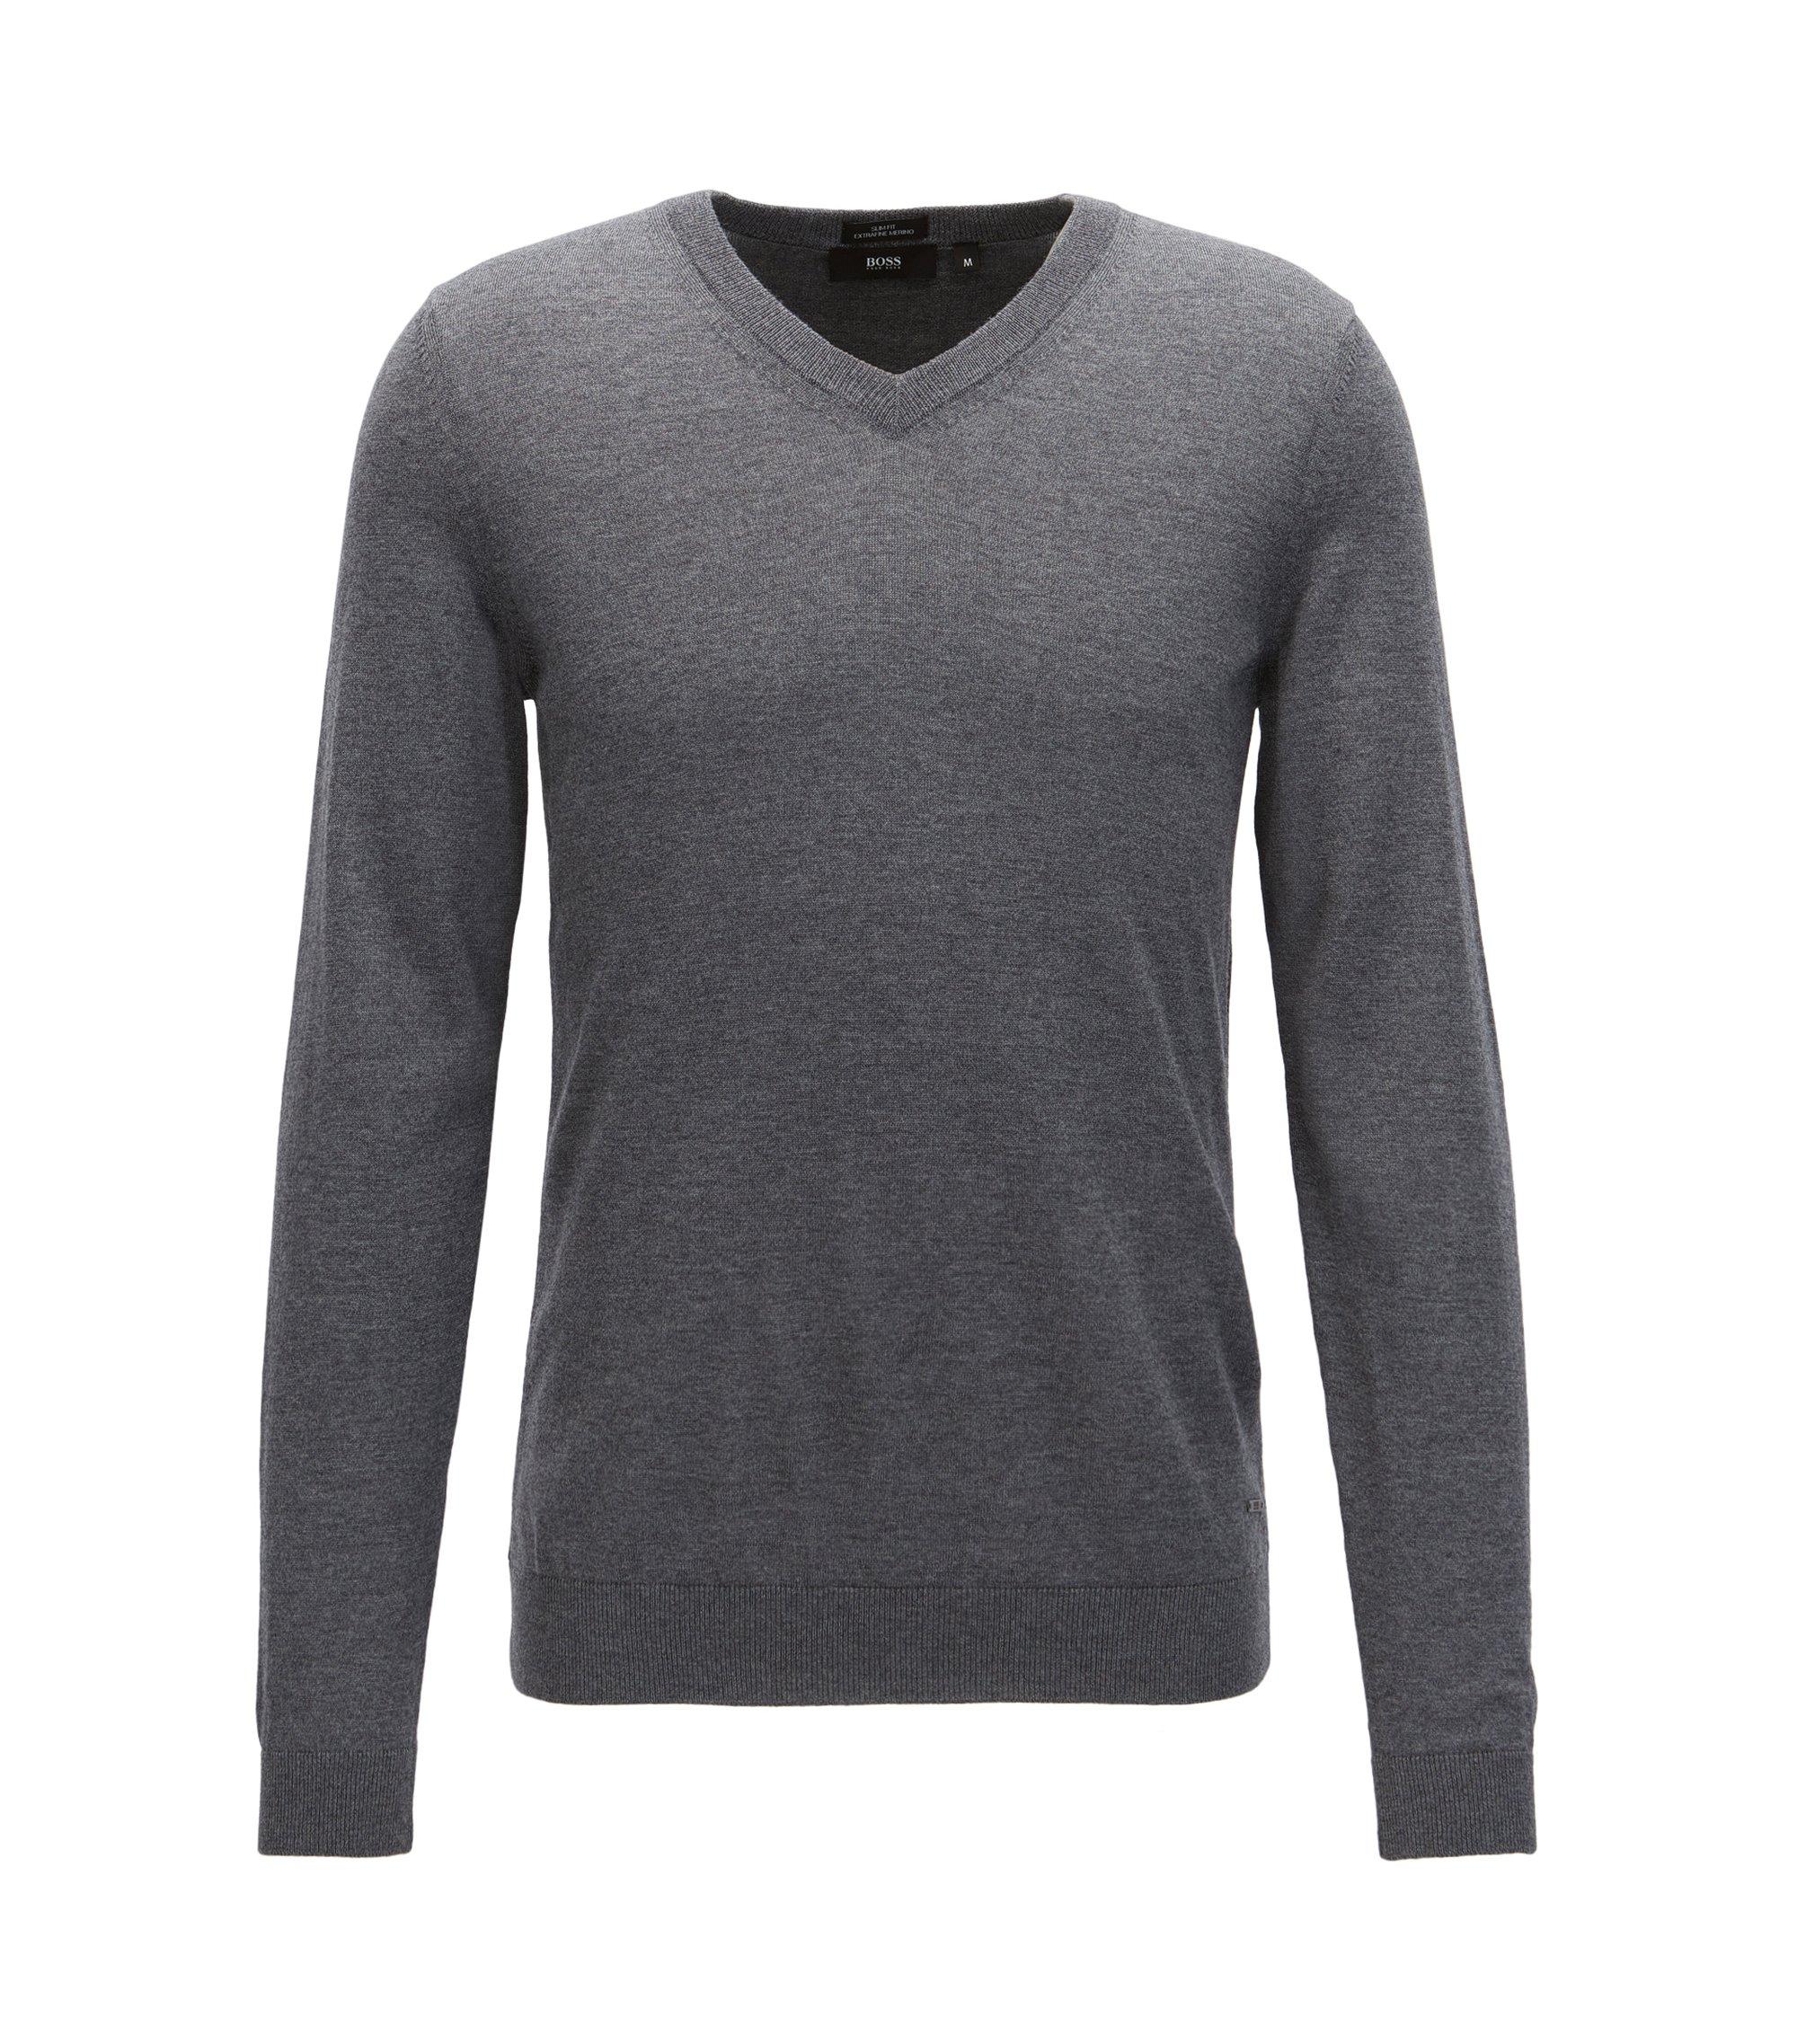 Pullover aus Schurwolle mit V-Ausschnitt, Grau